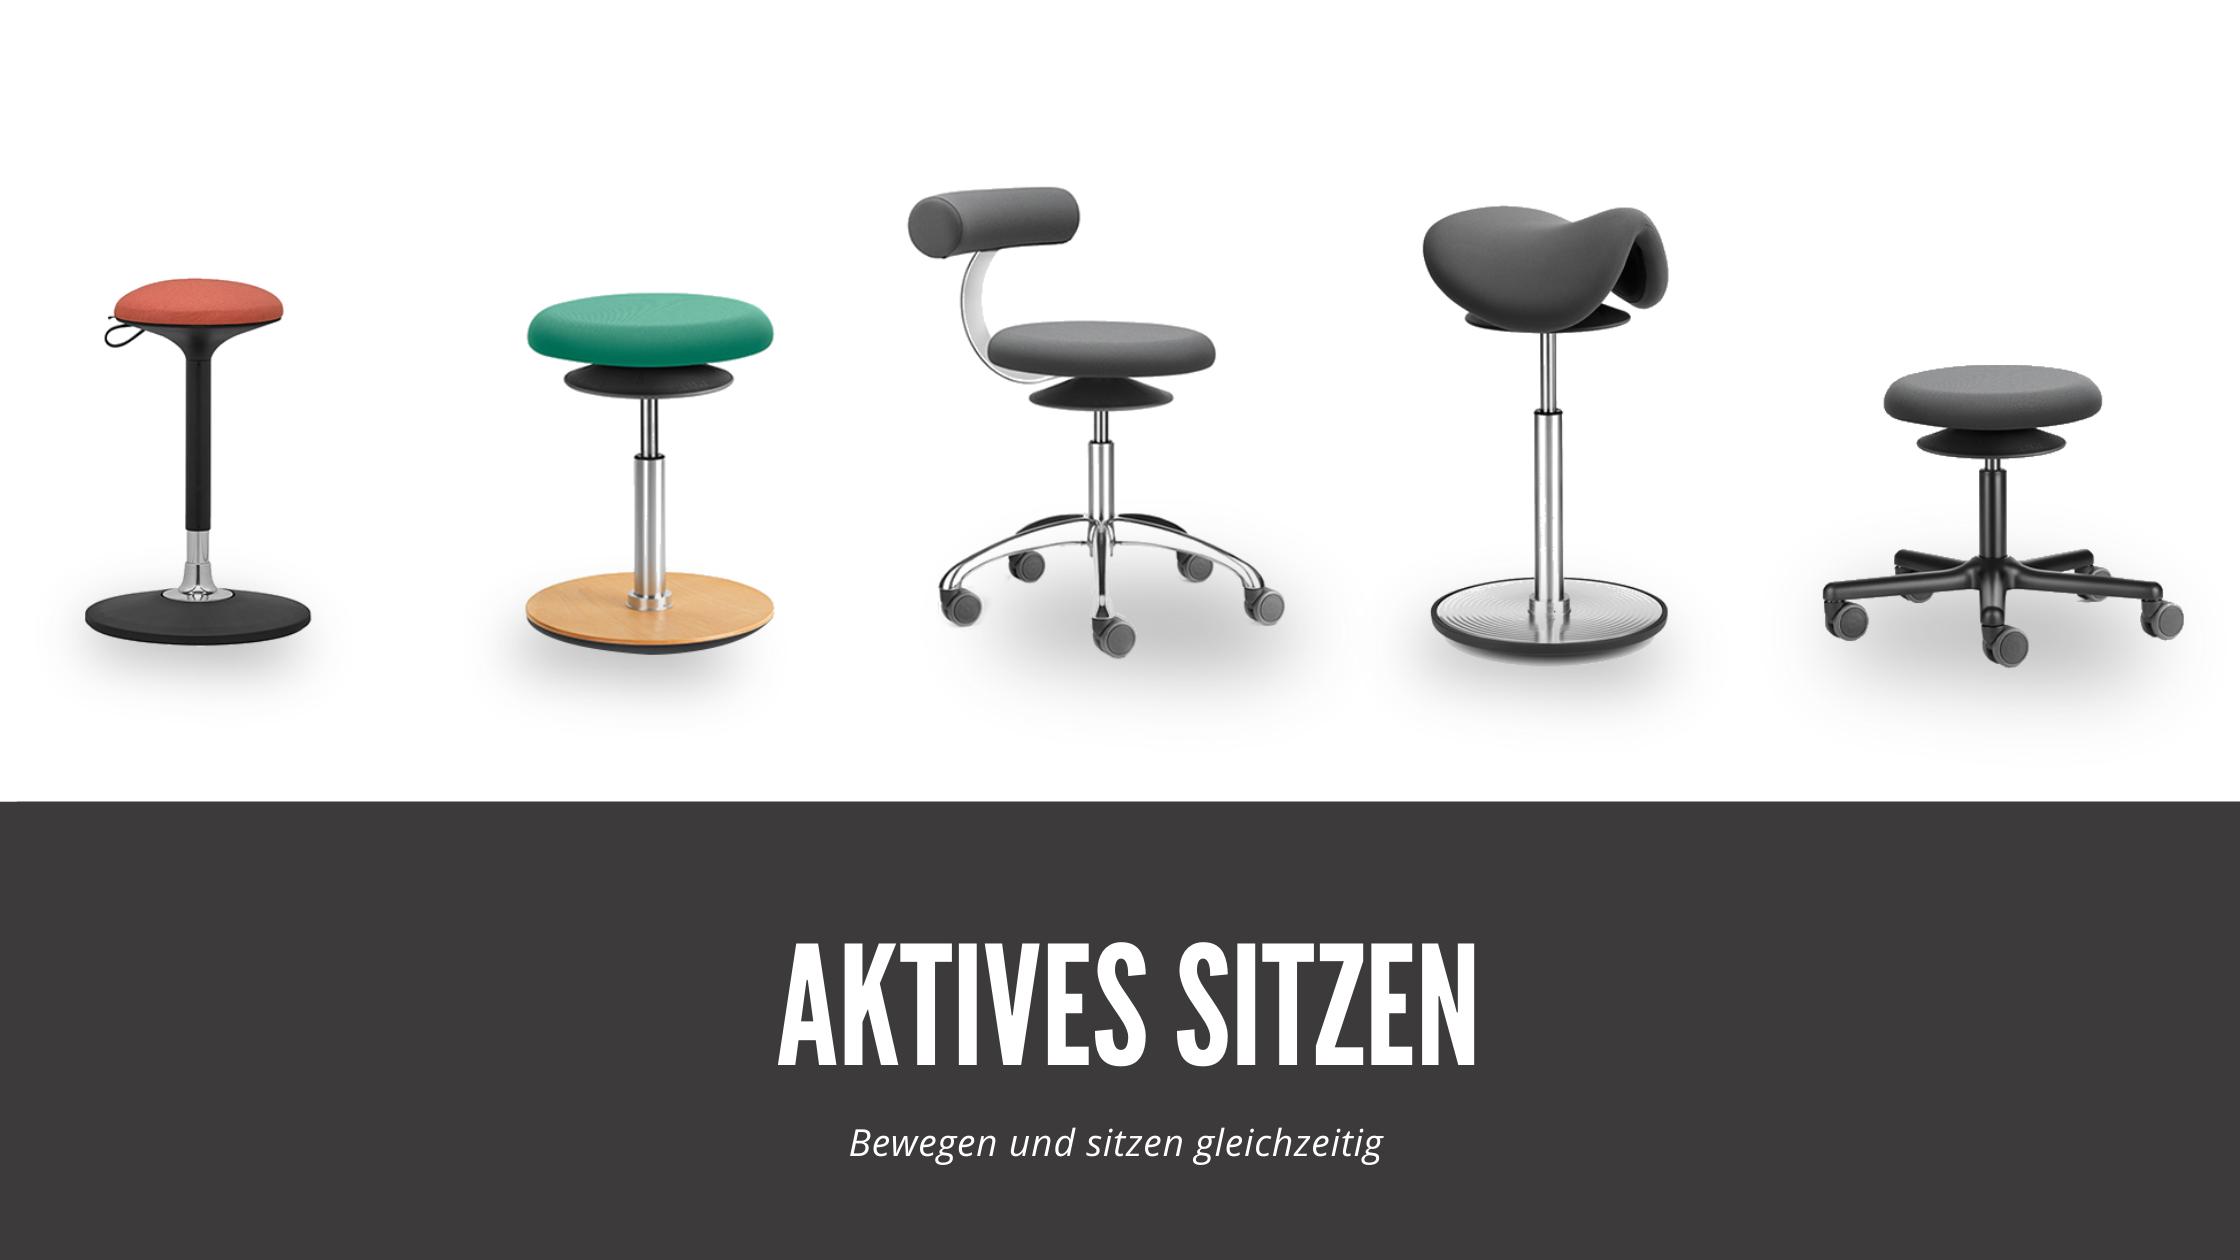 Aktives Sitzen - Bewegen und sitzen gleichzeitig